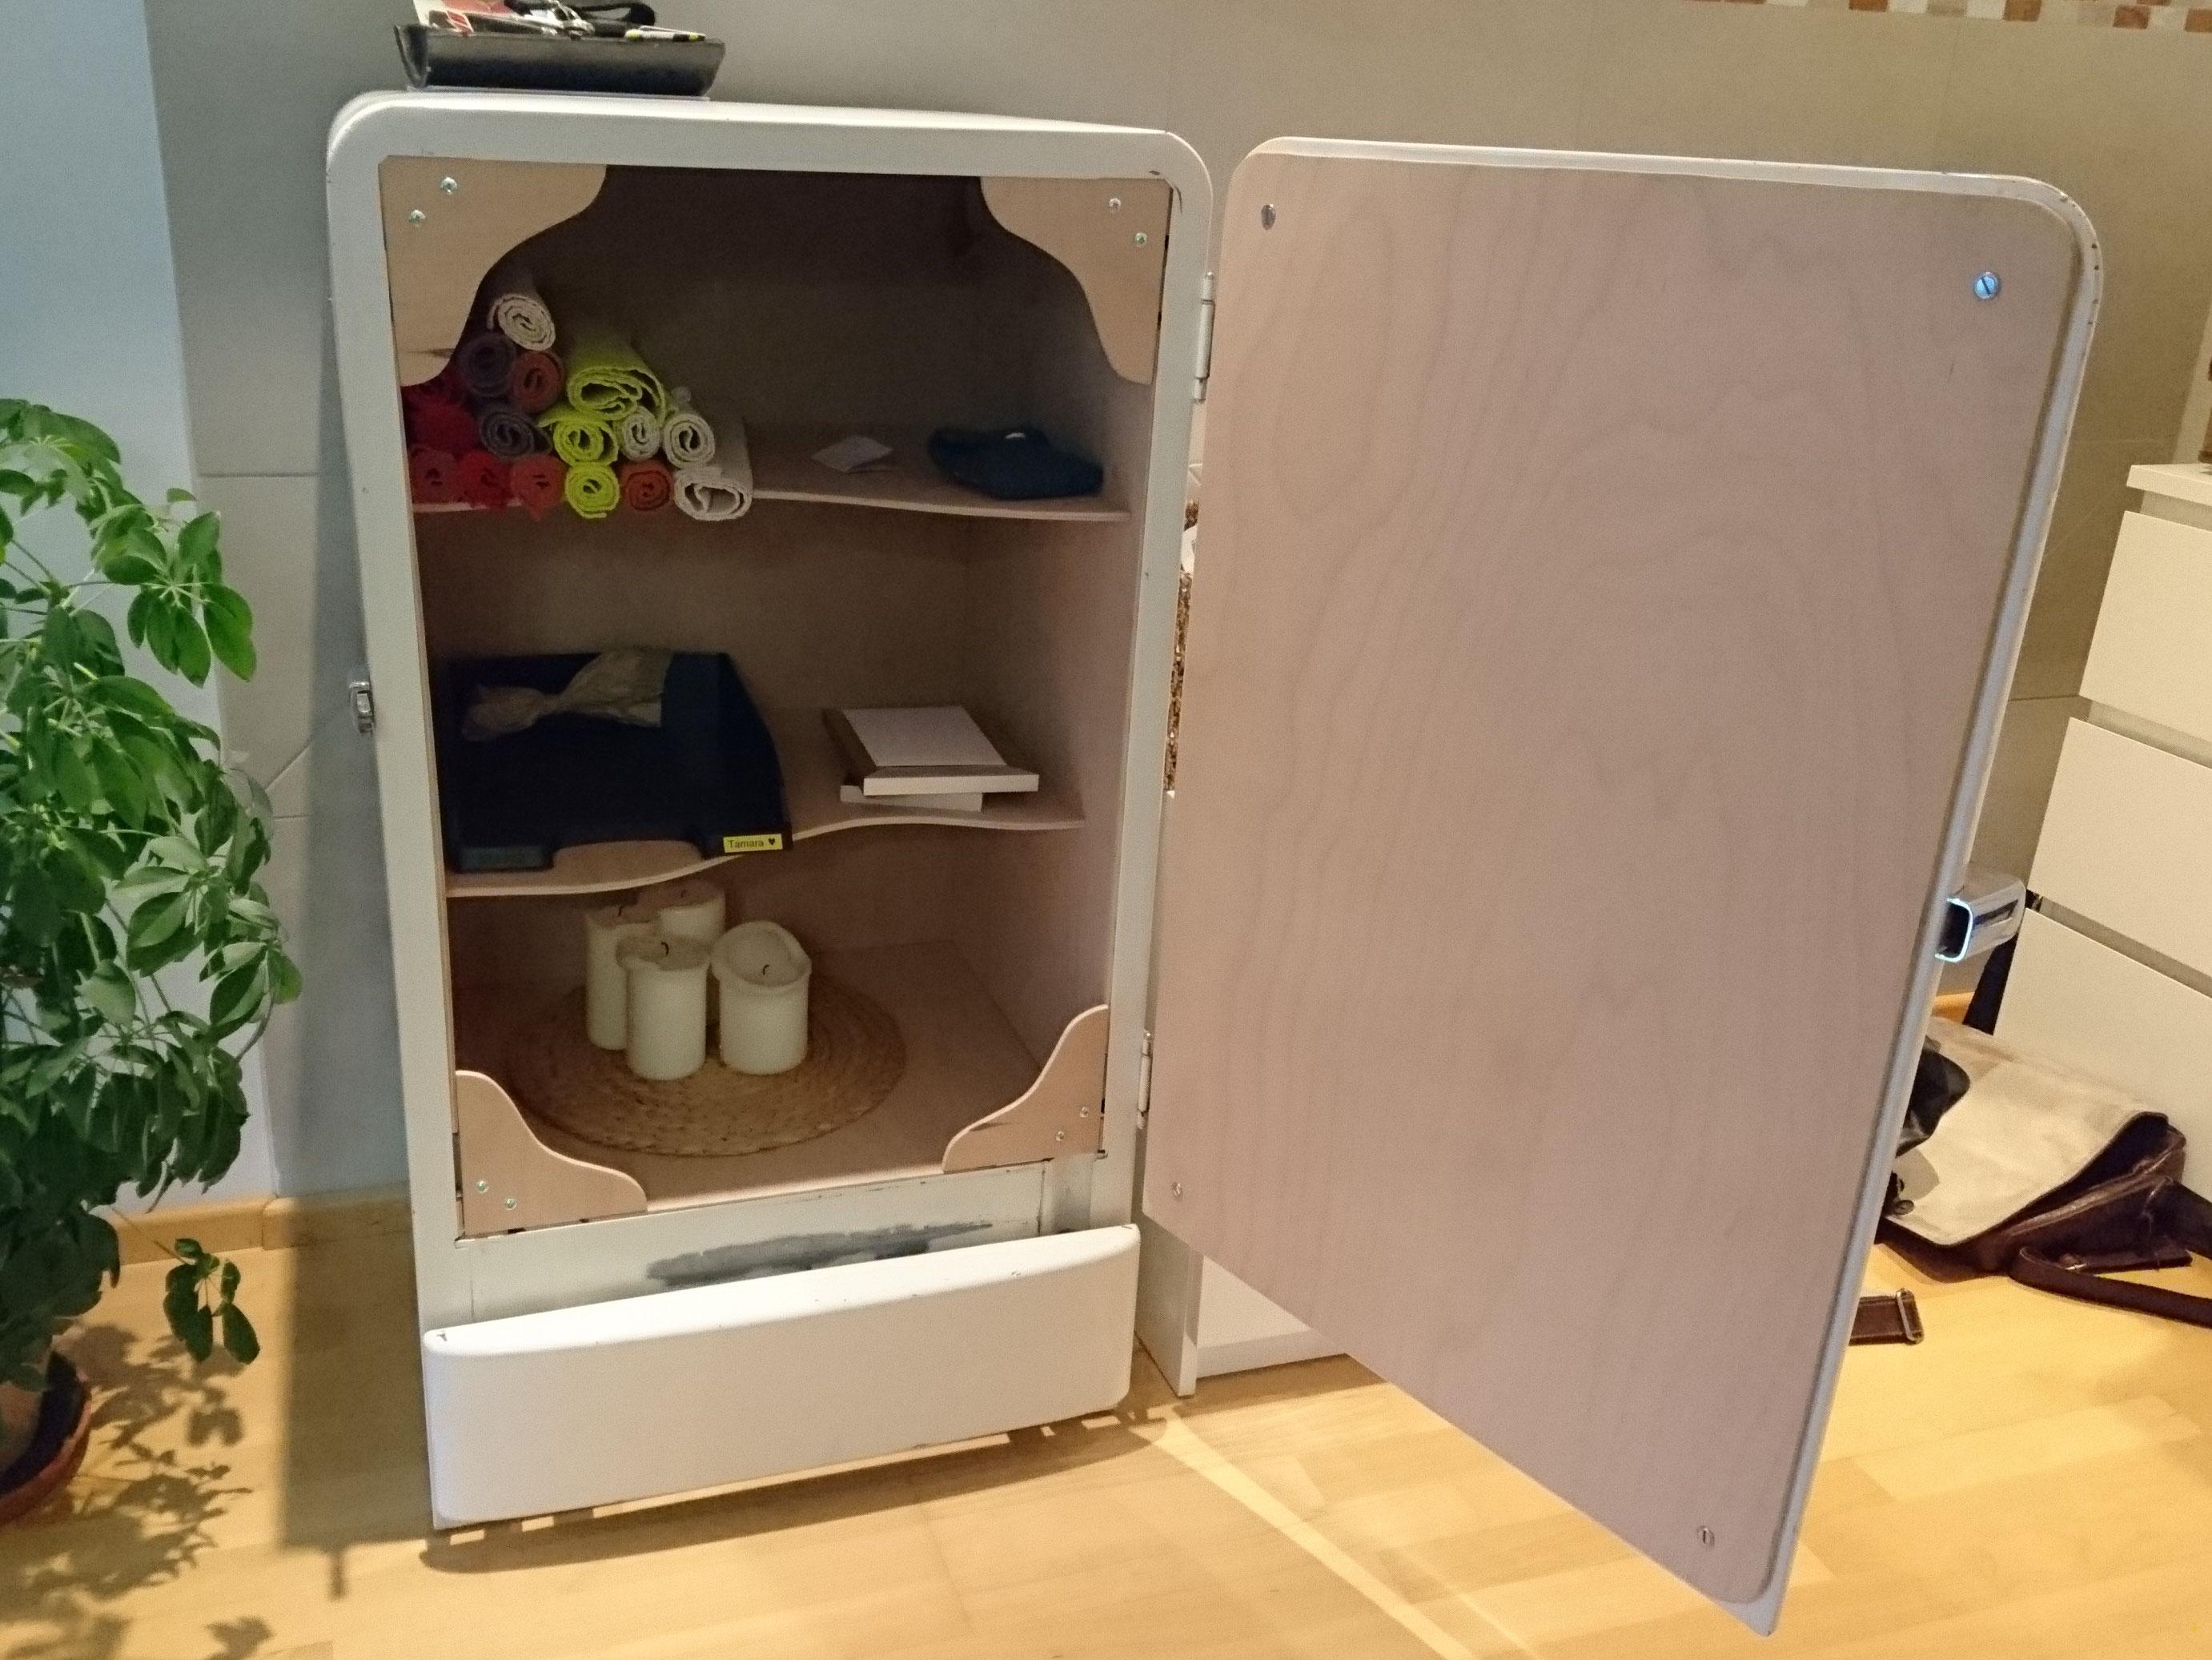 Retro Kühlschrank Umbauen : Side by side kühlschrank zum einbauen side by side kühlschrank